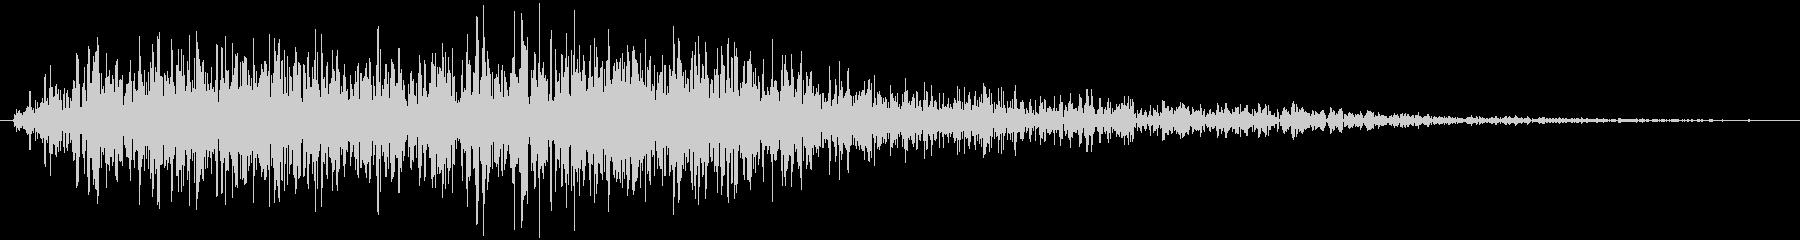 オケヒット クイズ番組 デデンの未再生の波形